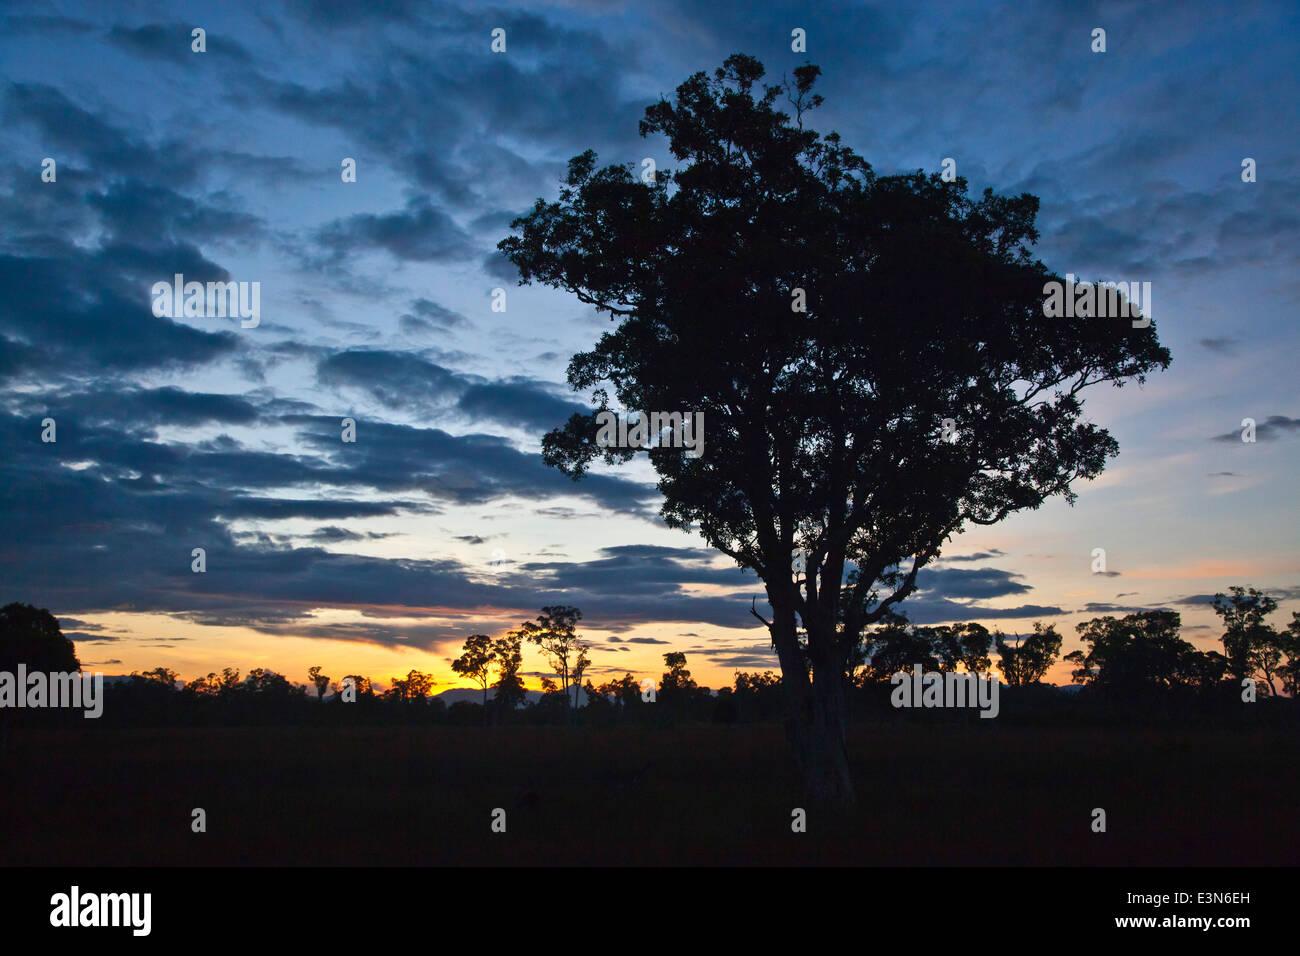 Silhouettes Sunrise arbres dans la savane de l'écosystème unique de KOH PHRA THONG, THAÏLANDE Photo Stock